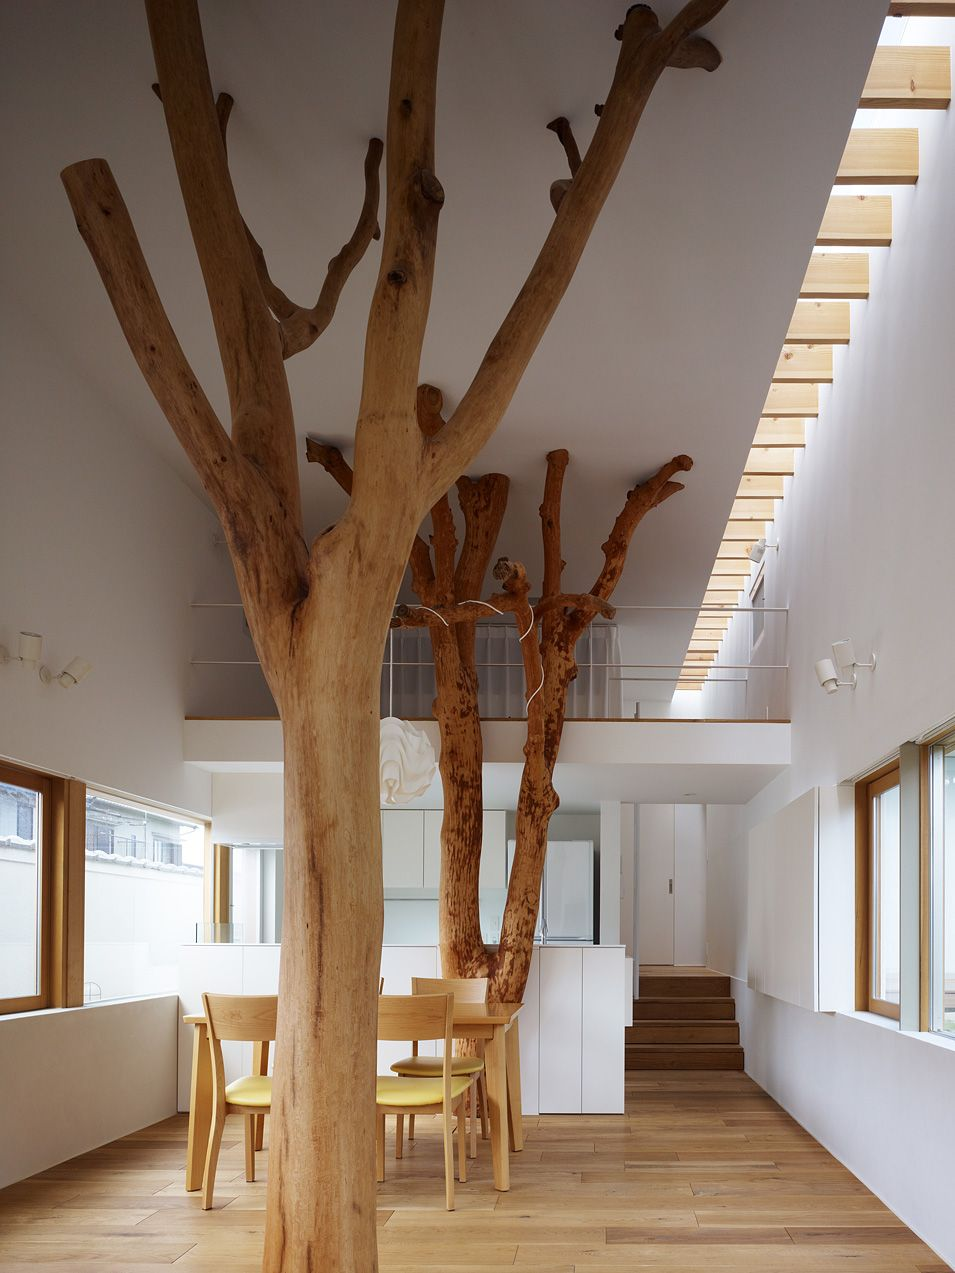 Architekturkonzept Für Ein Etwas Anderes Baumhaus | Gärten, Haus ... Wendeltreppe Um Einen Baum Baumahus